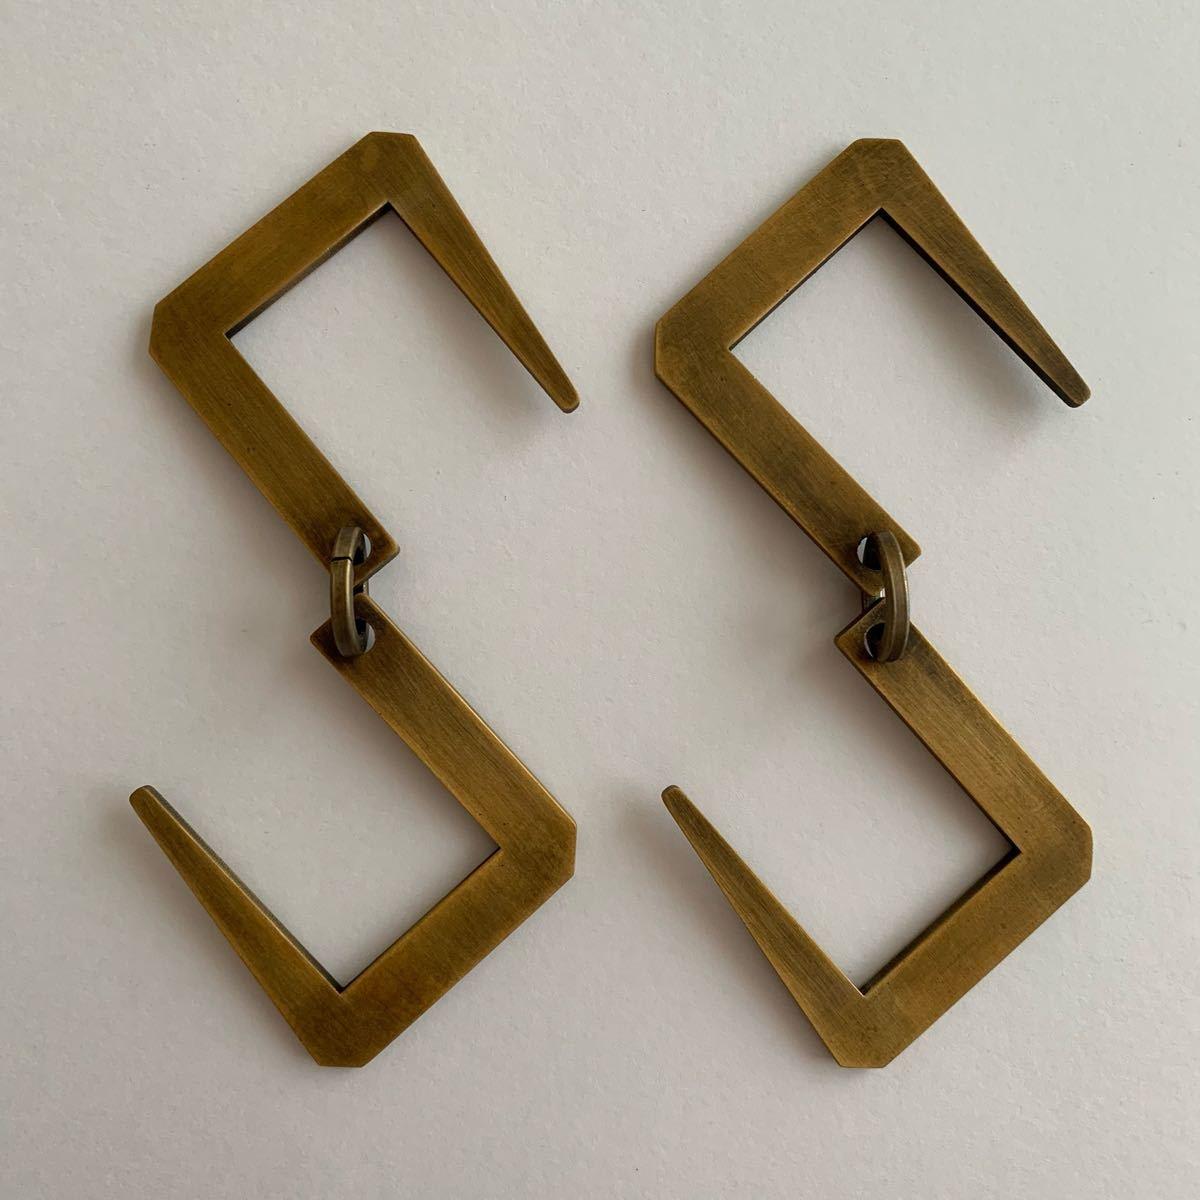 ランタン用S字フック2個セット*真鍮色ゴールド金色アウトドア用品キャンプ用品